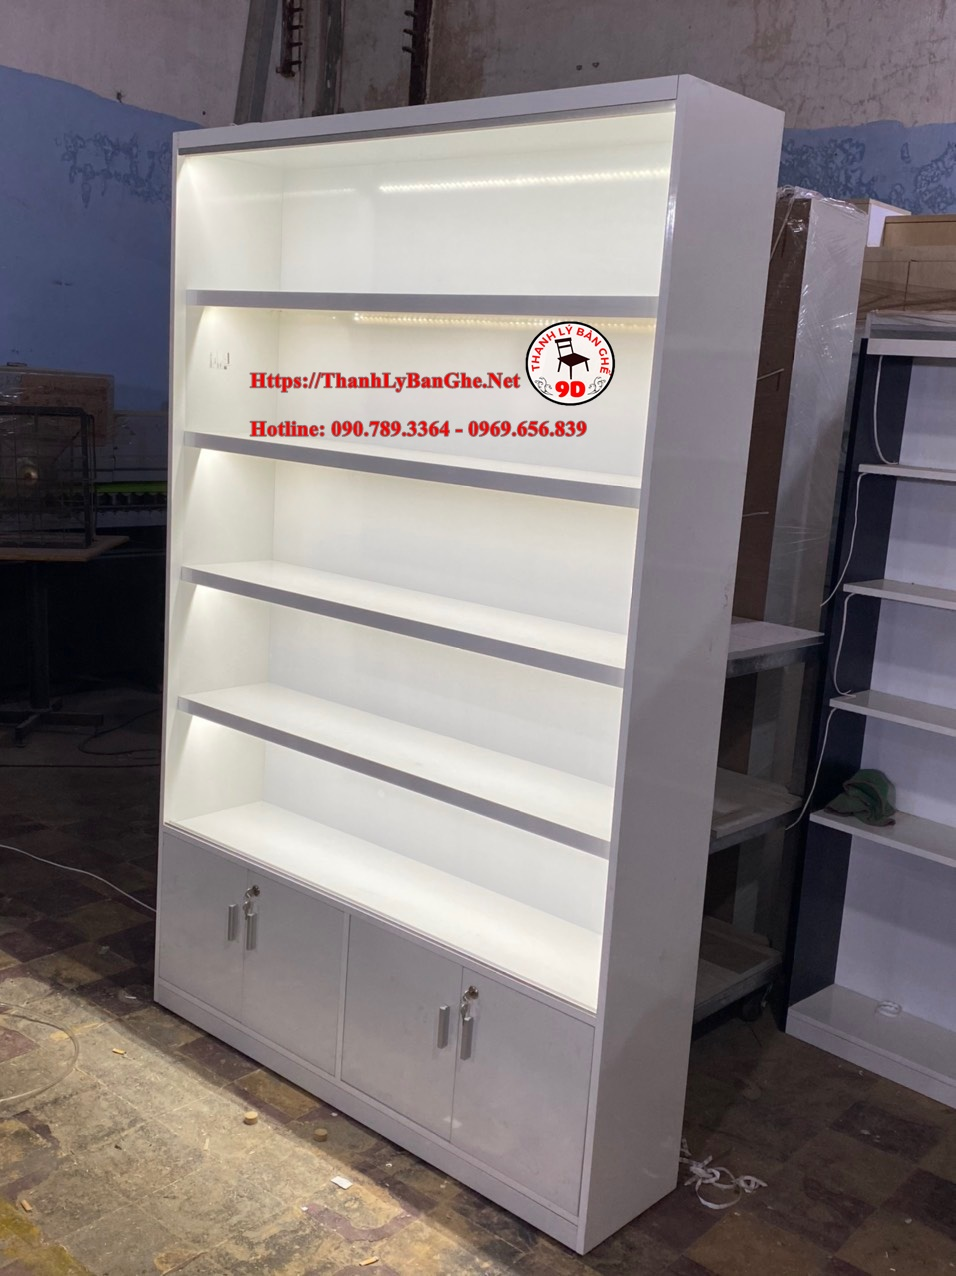 Thanh lý tủ kính trưng bày 1m2 giá rẻ tại HCM MS985